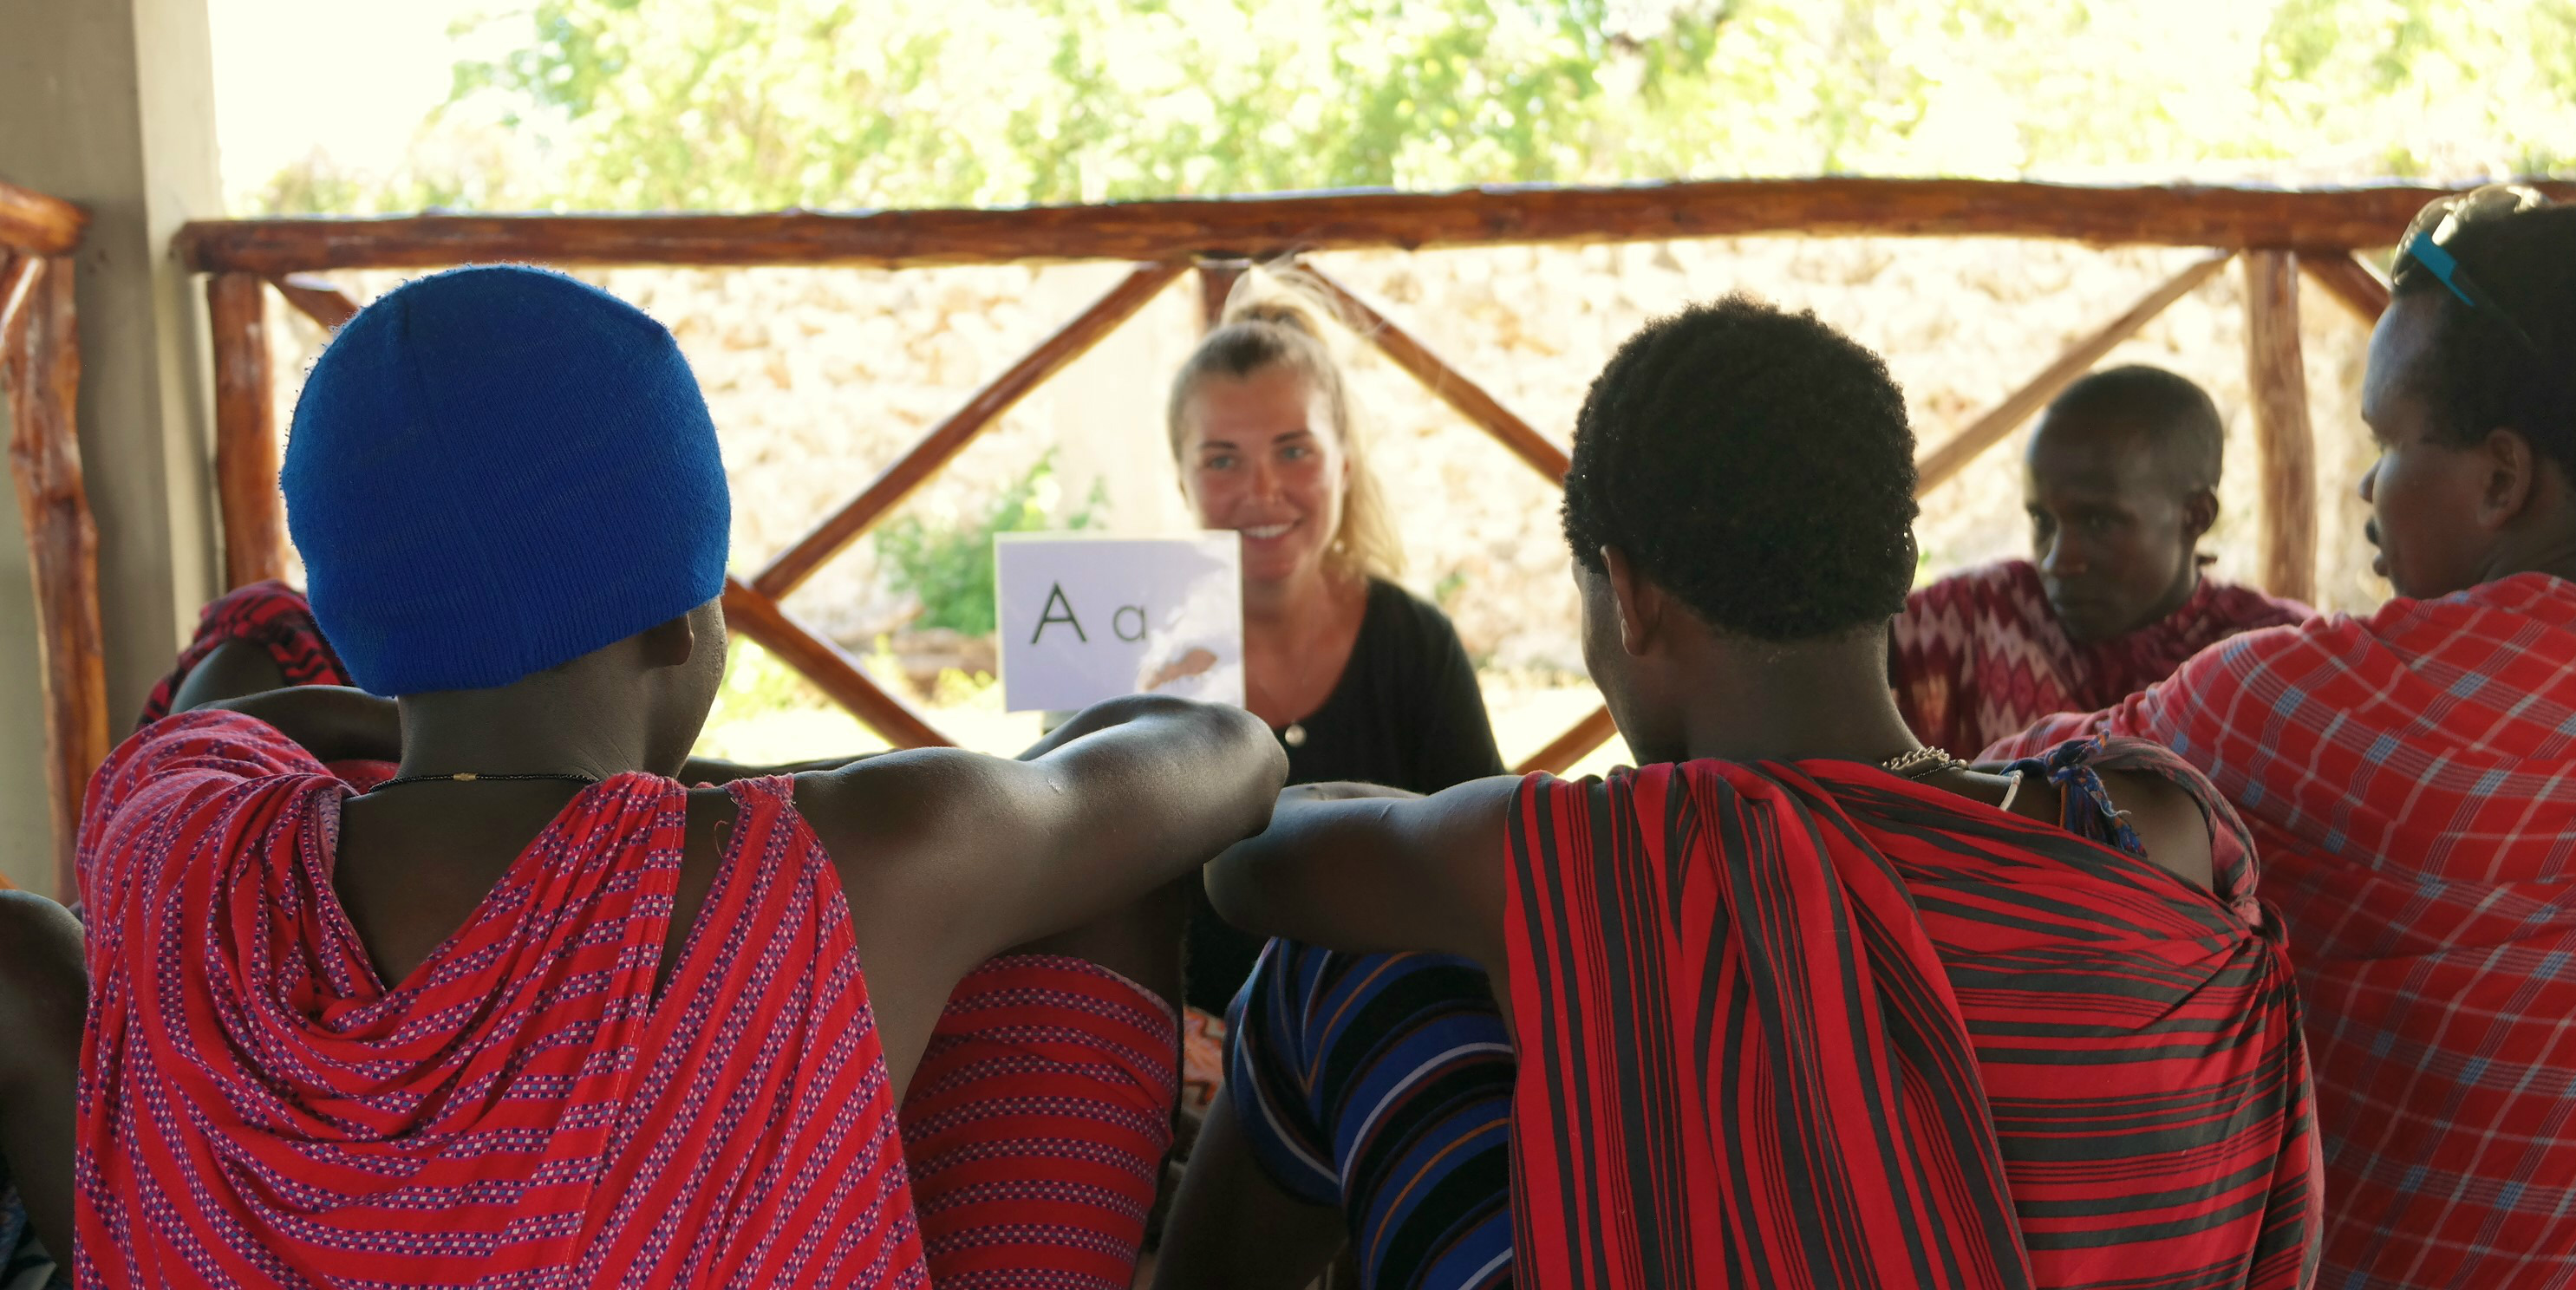 A volunteer teaching in Tanzania works with Masaai people on their English.